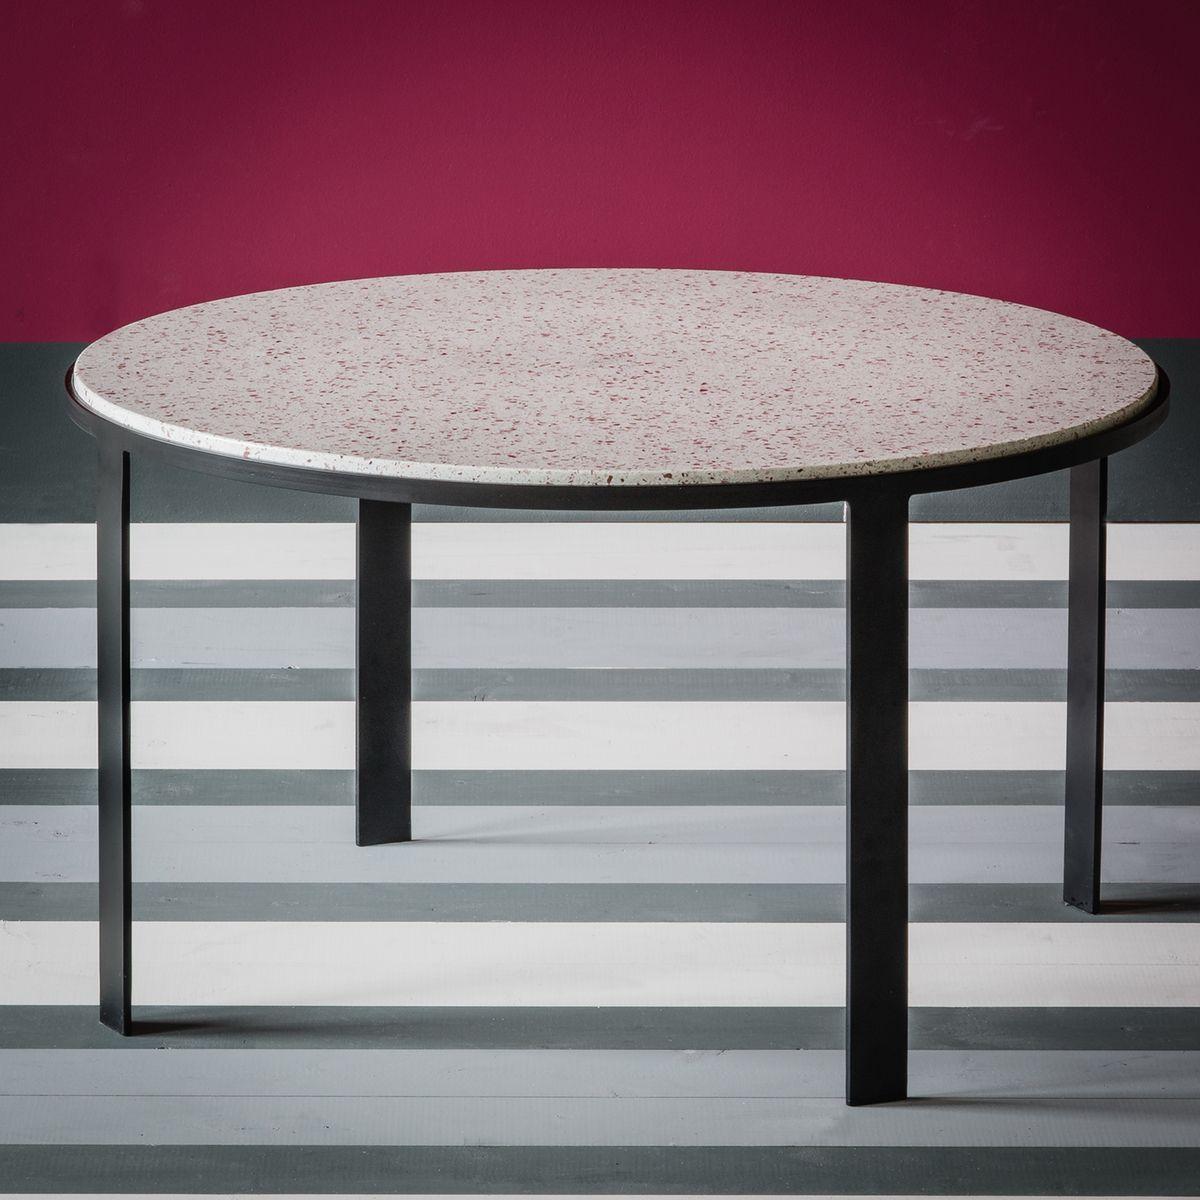 Table basse en terrazzo maison sarah lavoine blanc Maison Sarah Lavoine | La Redoute